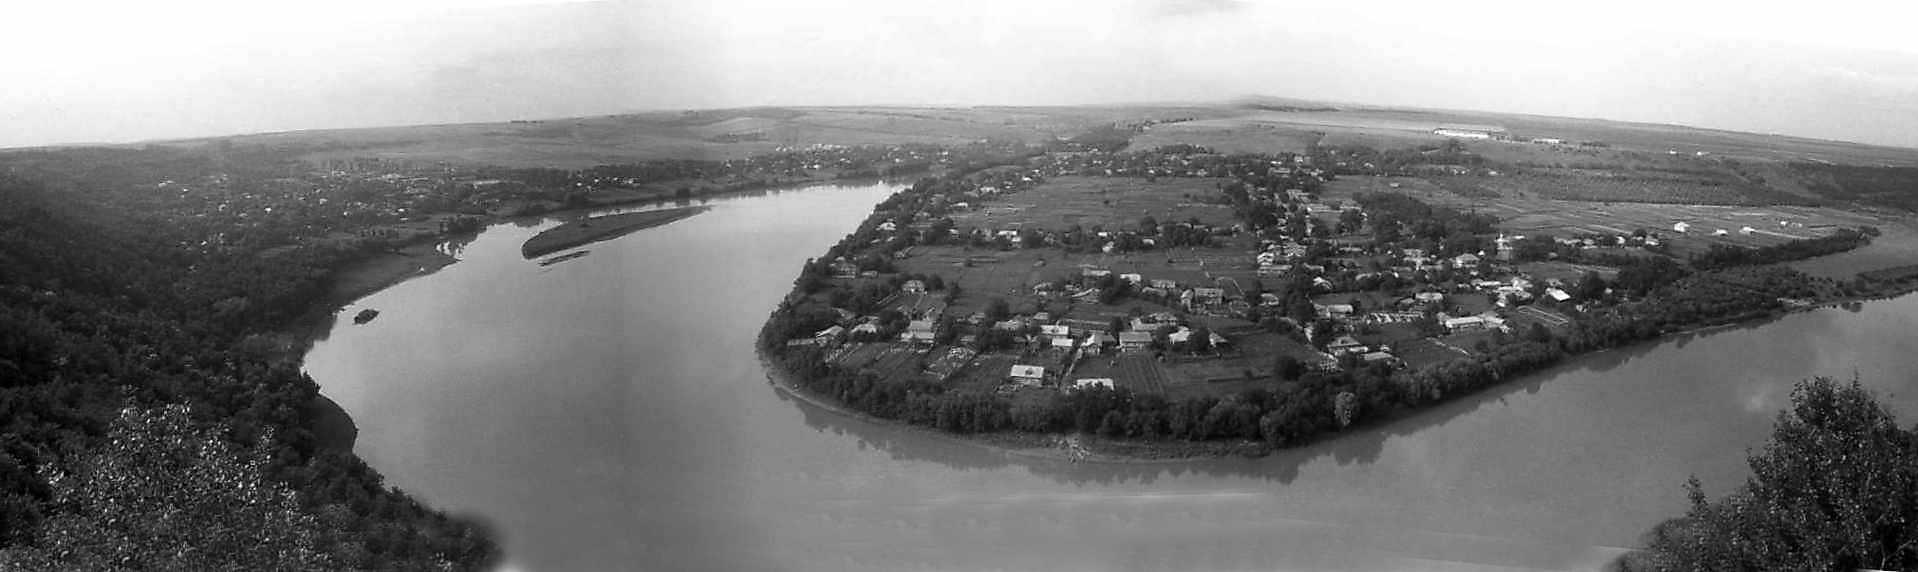 1996 р. Панорама луки Дністра